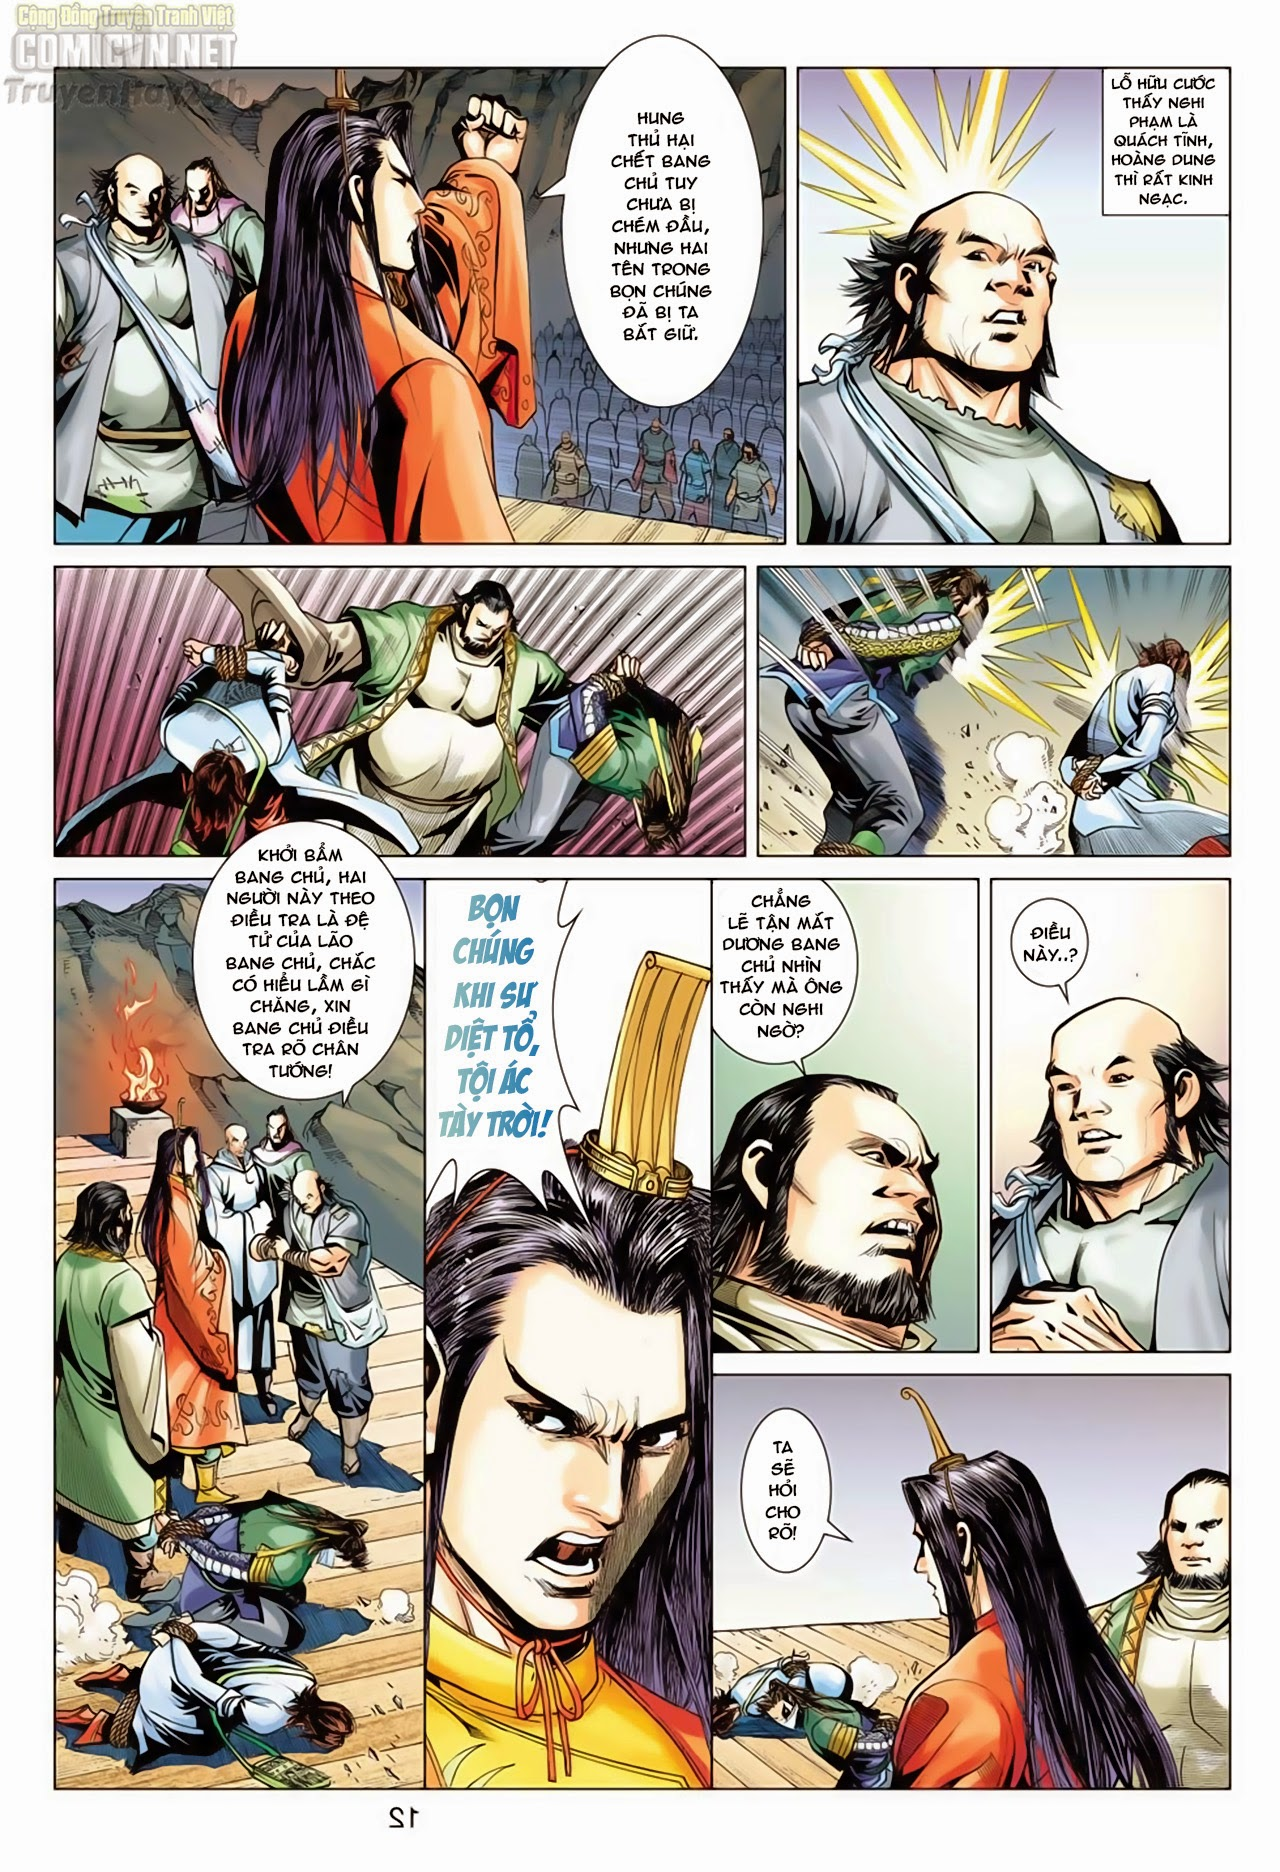 Anh Hùng Xạ Điêu anh hùng xạ đêu chap 66: nhạc châu đại hội trang 12